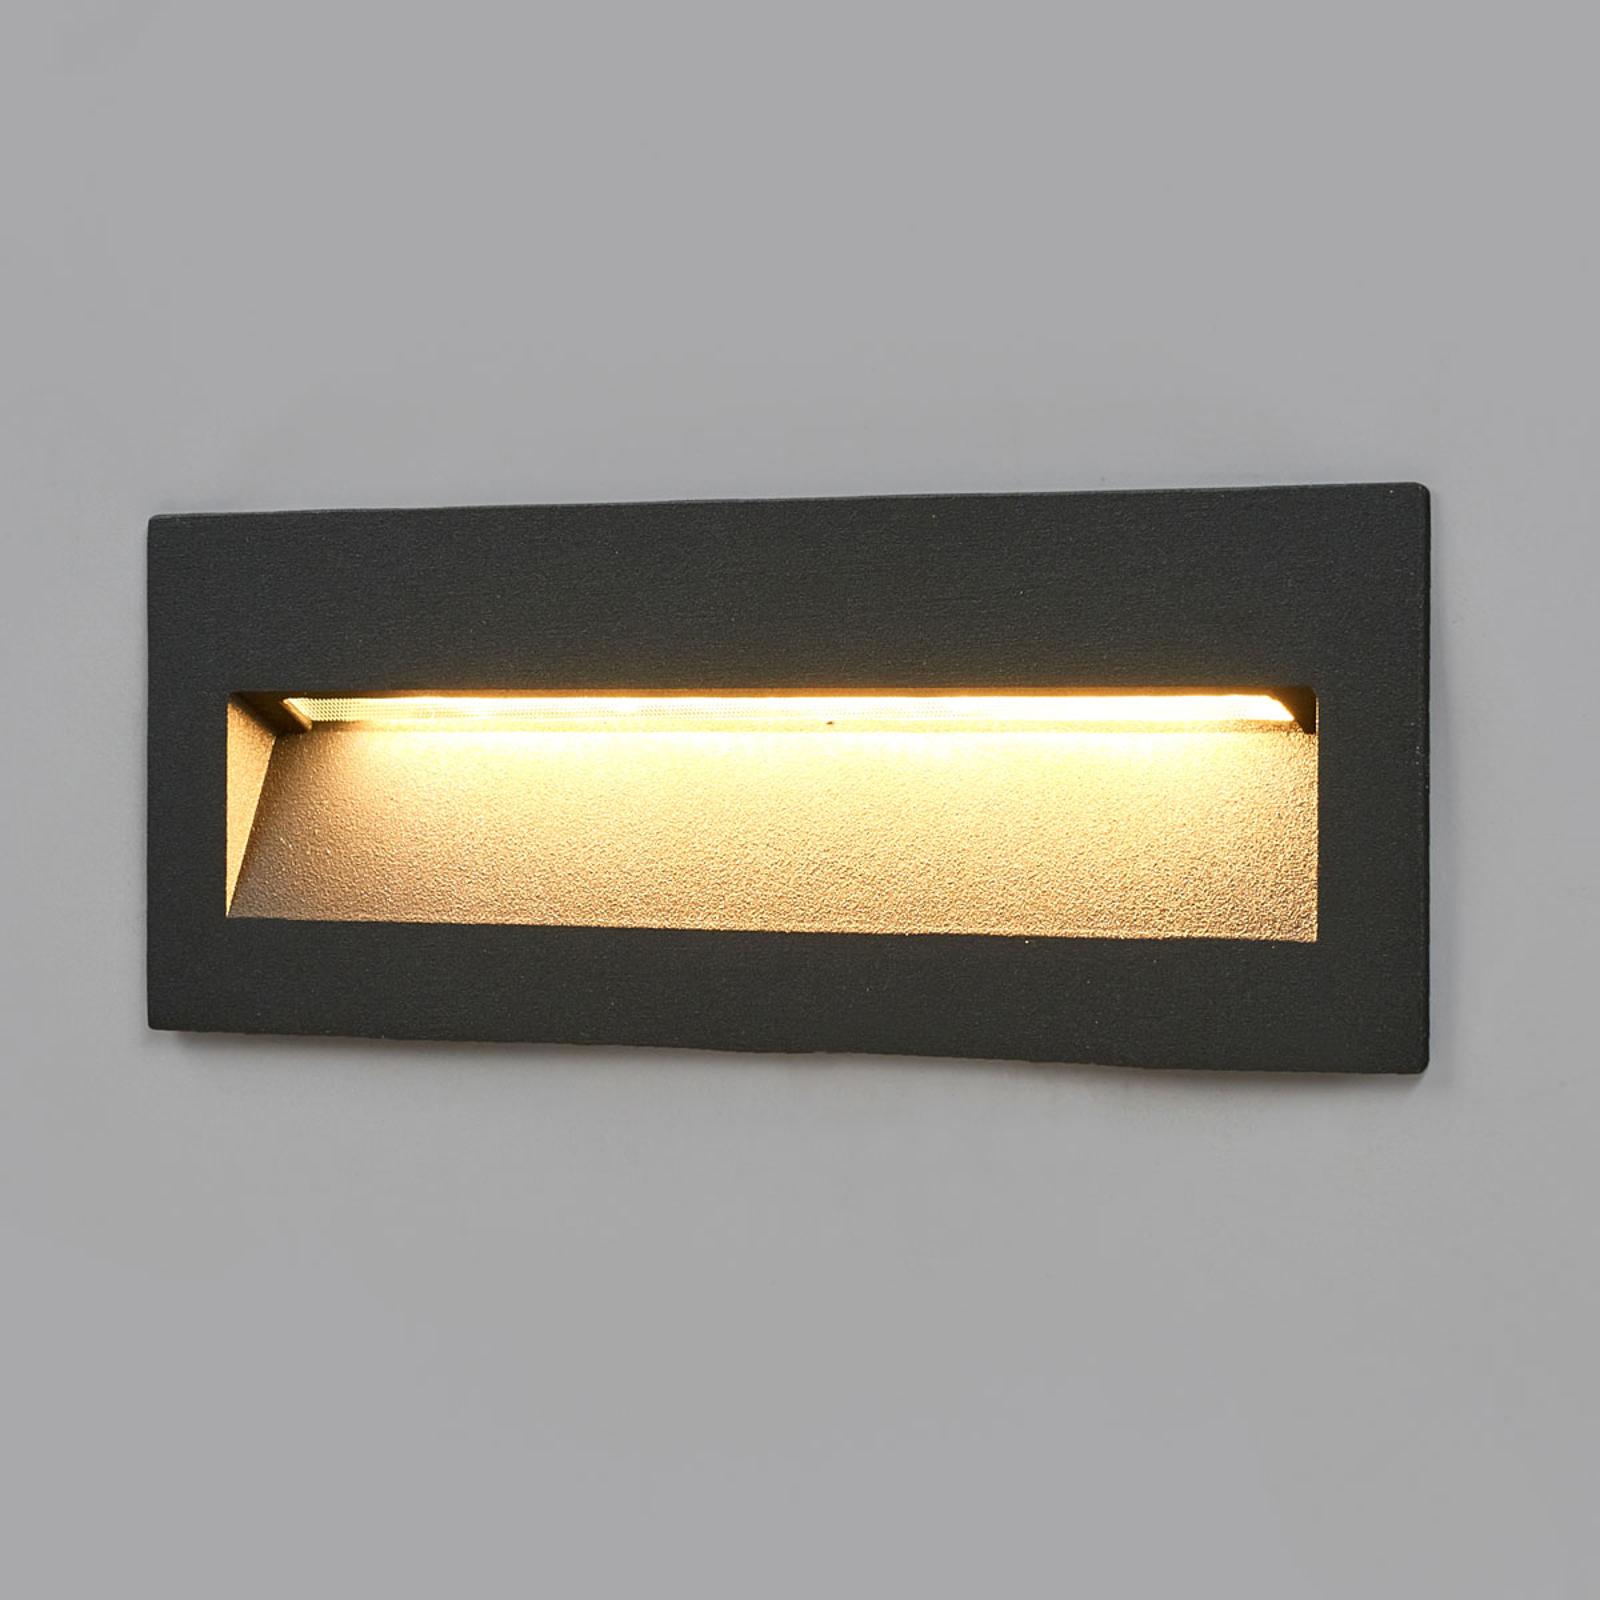 Dark LED recessed light Loya for outdoor walls_9969039_1